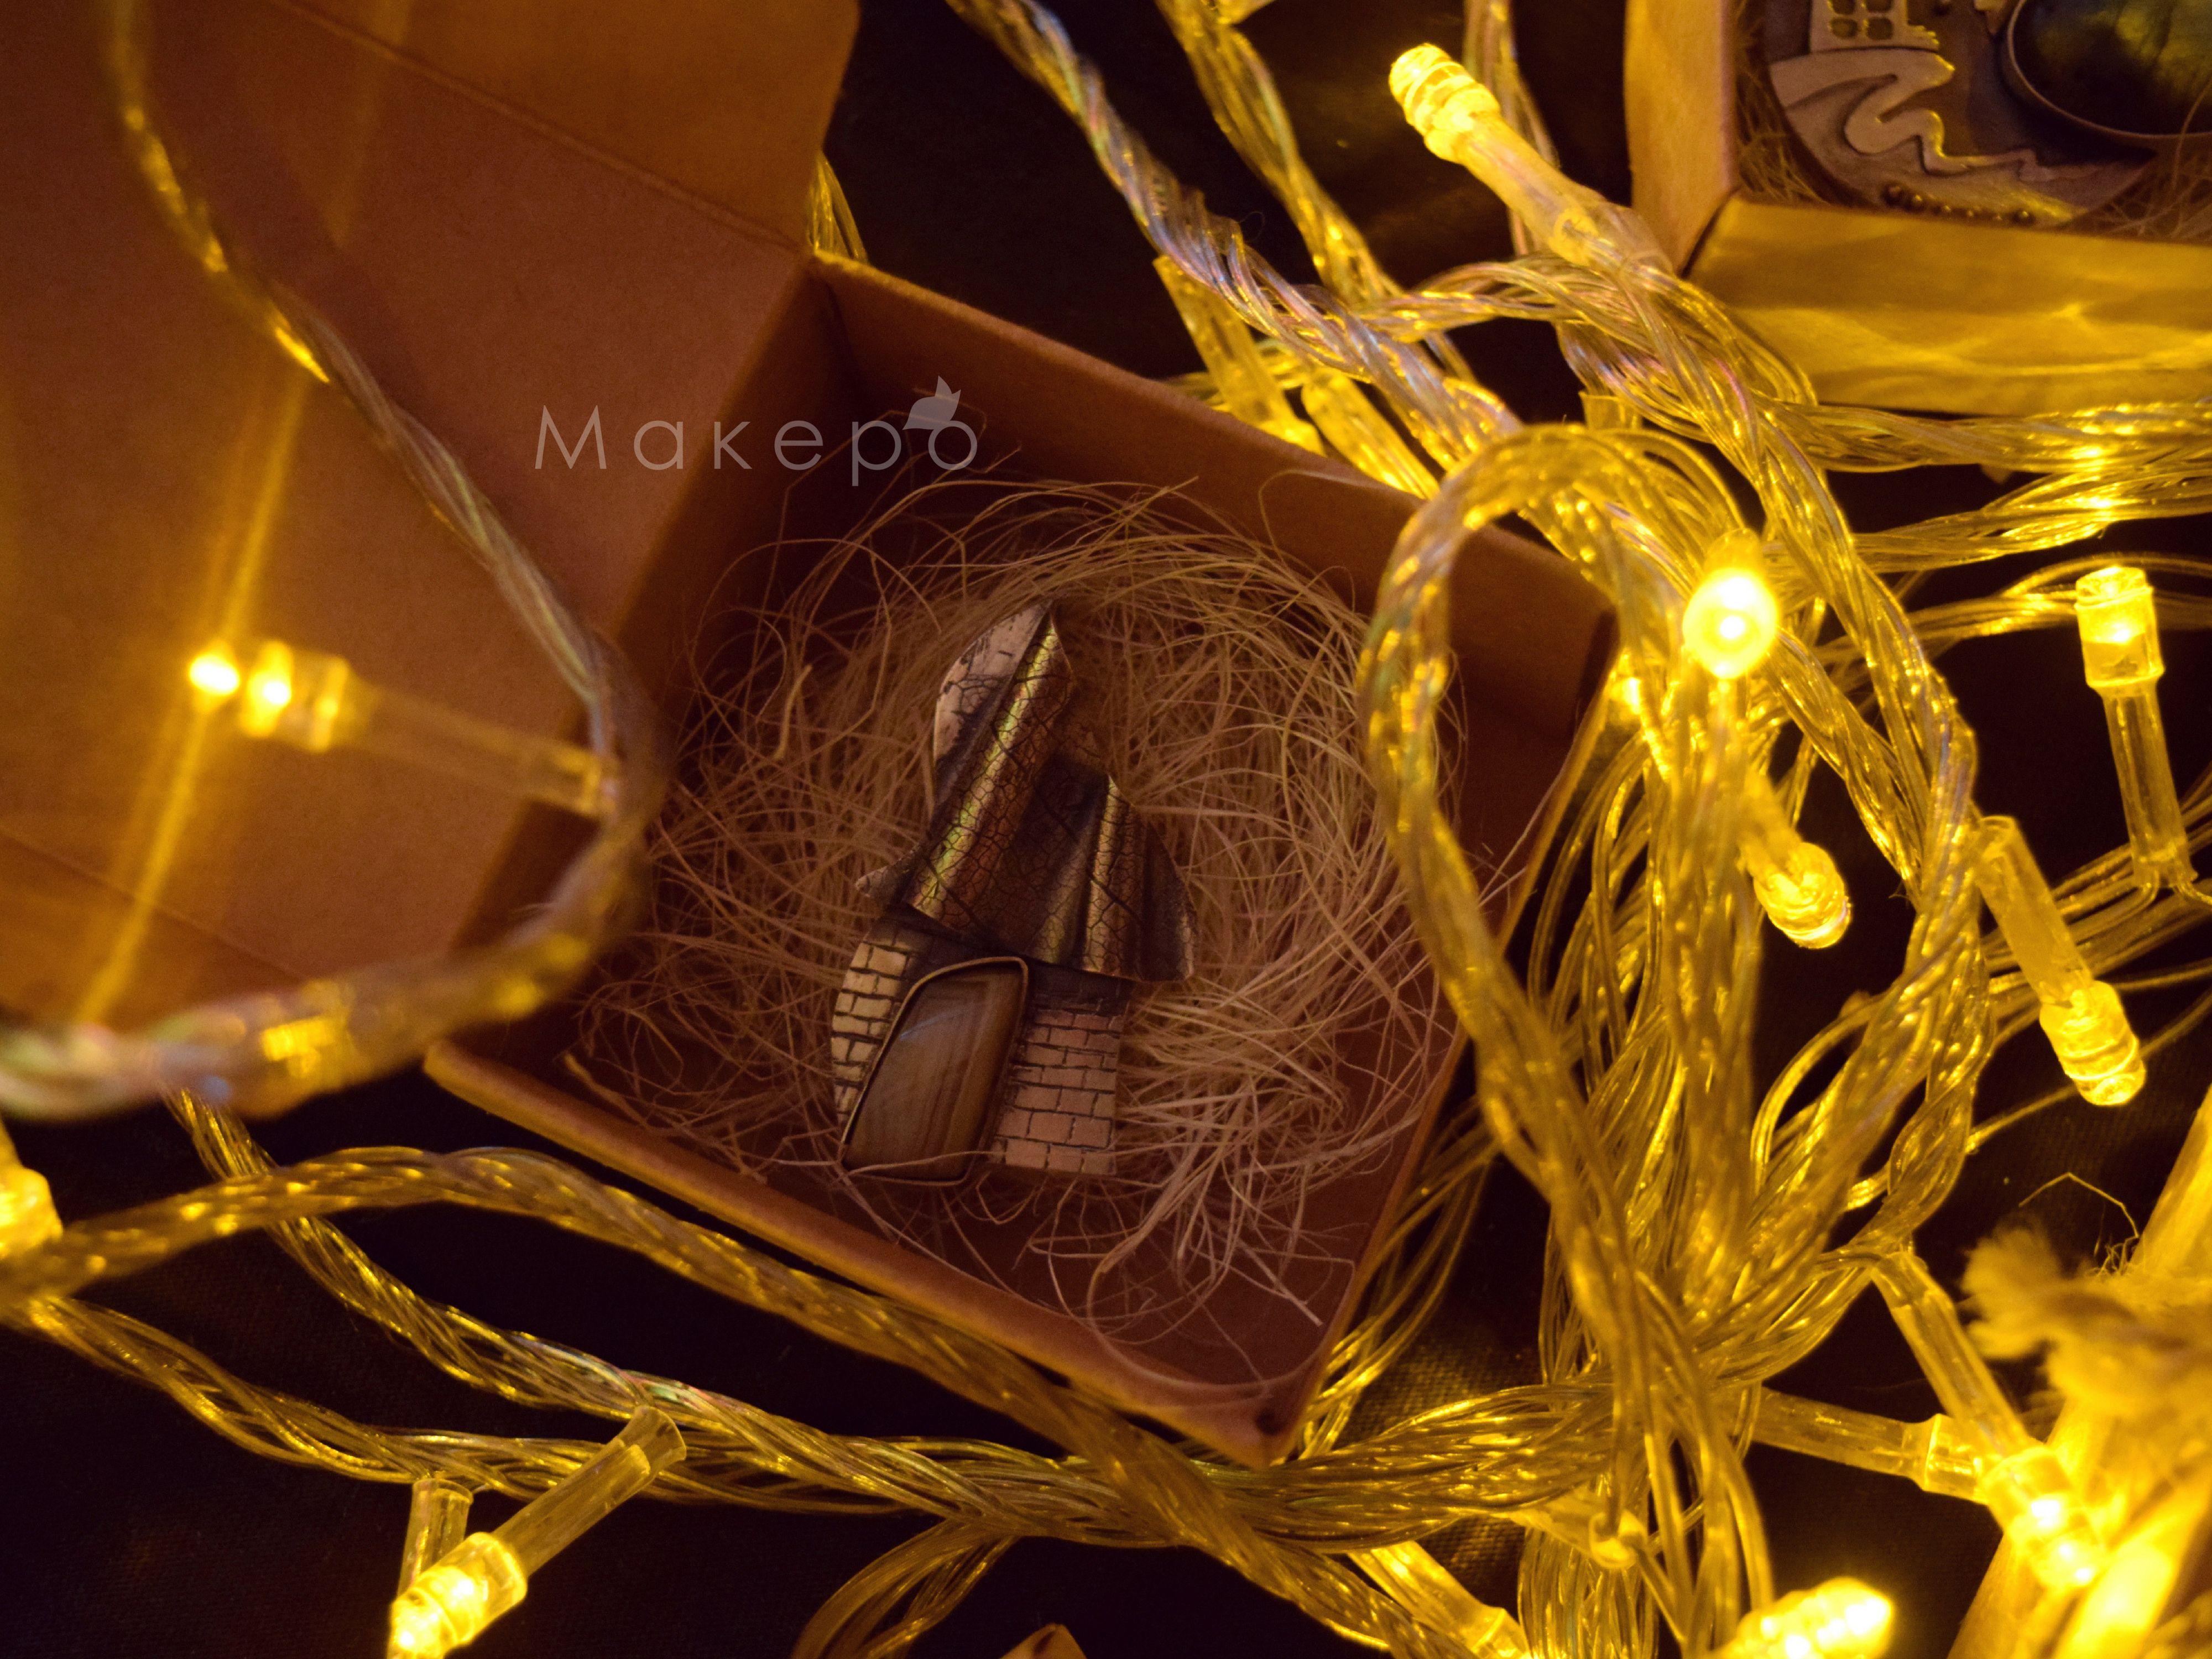 серебряный ручнаяработа кулон украшение брошь кулонгалстук серебра серебрянаяподвеска подвескаизсеребра серебряныйкулон кулонизсеребра серебряная подвеска